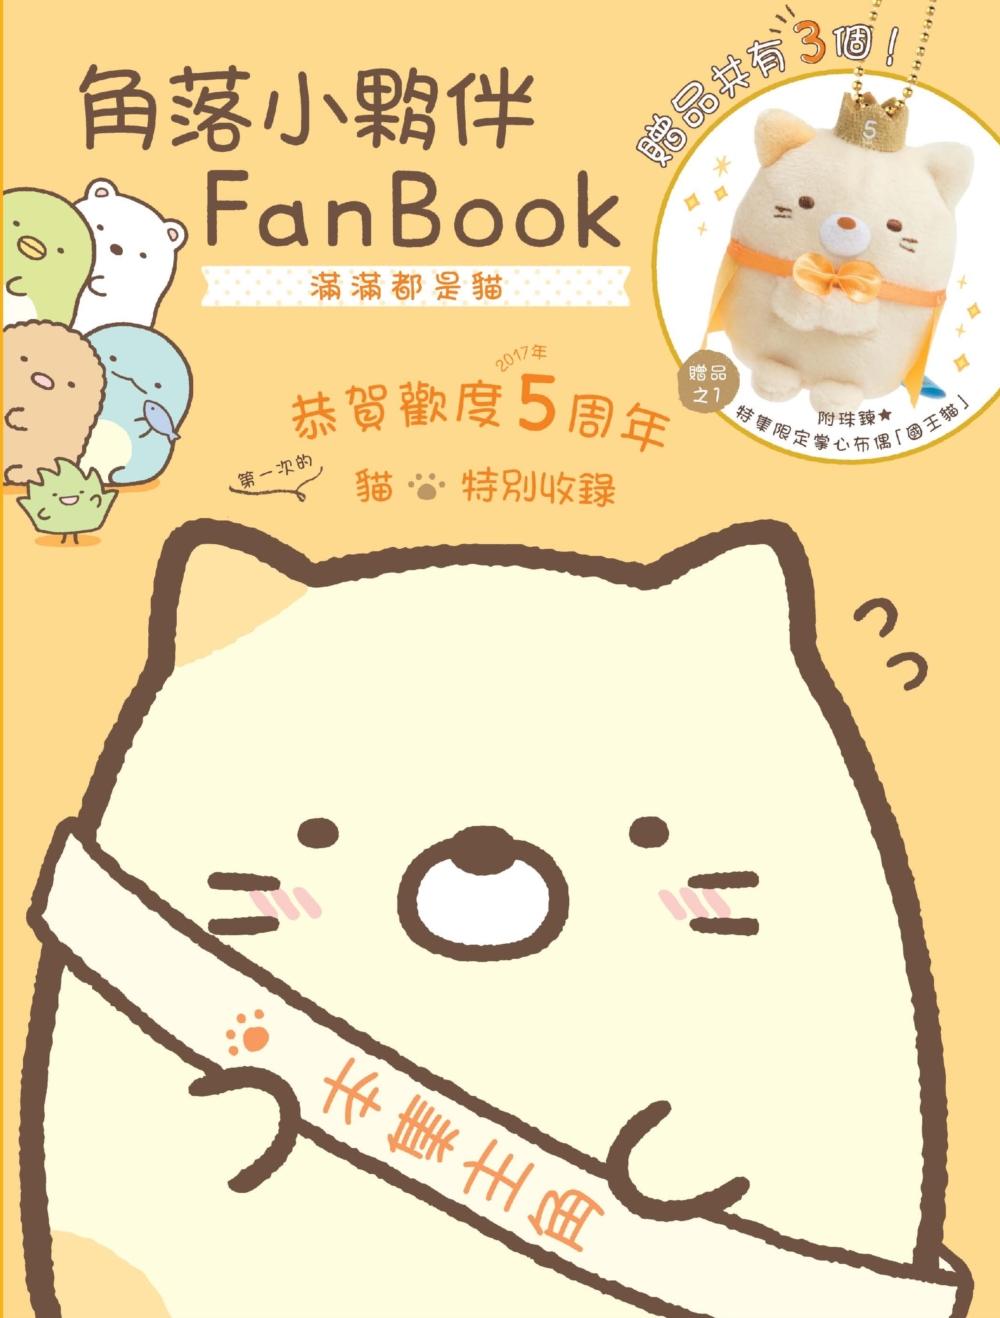 《角落小夥伴FanBook:滿滿都是貓》 商品條碼,ISBN:9789869589147